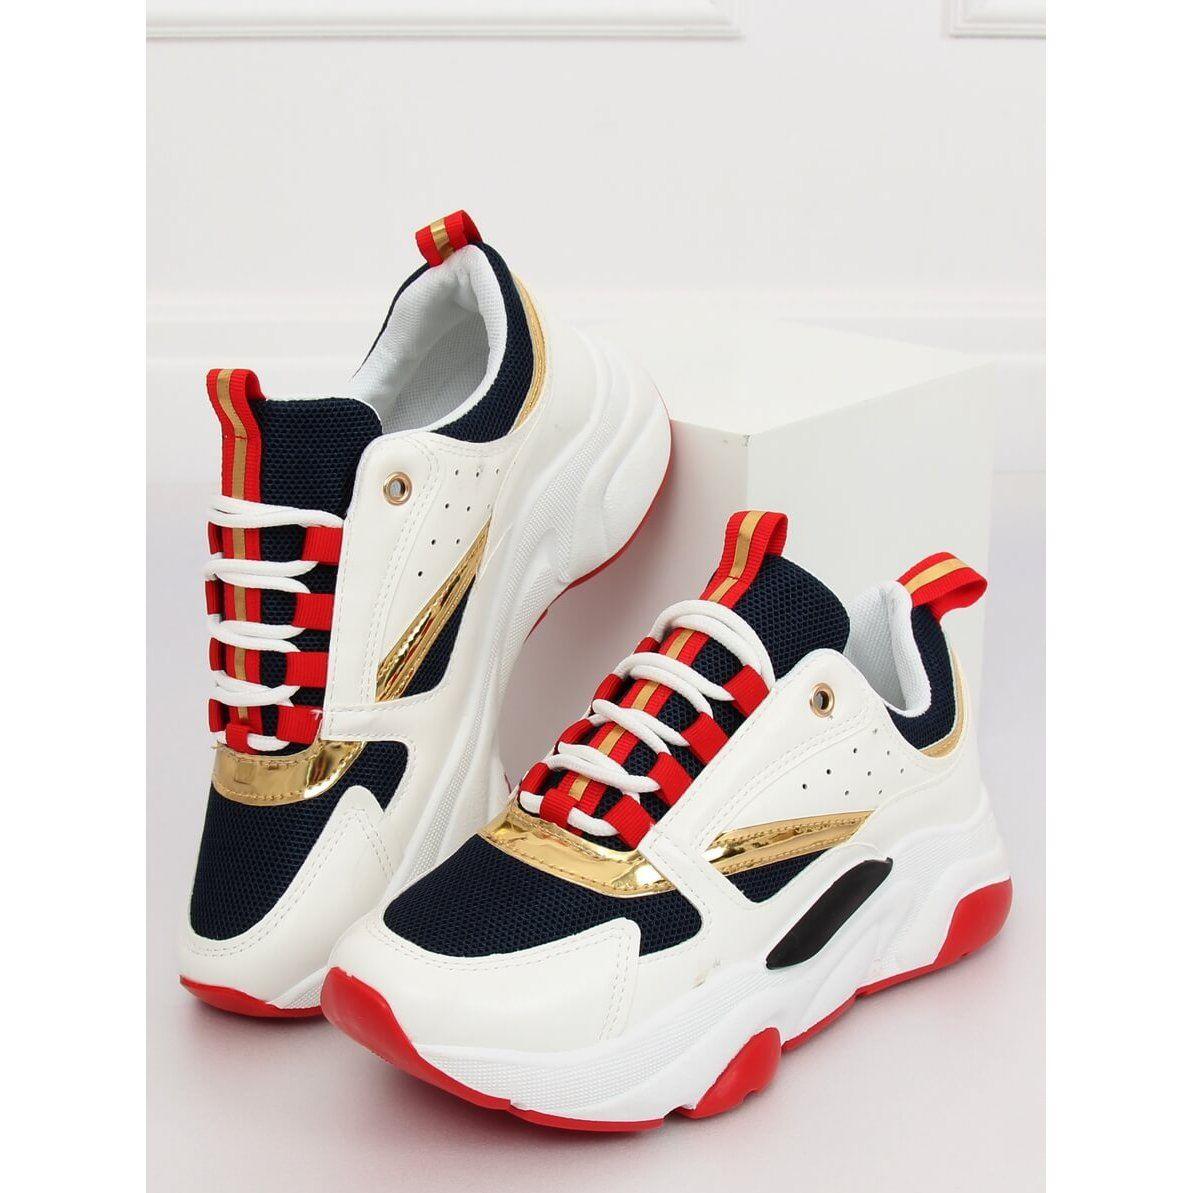 Buty Sportowe Wielokolorowe Bk008 47 White Blue Biale Granatowe Color Sport Shoes Sports Shoes Shoes